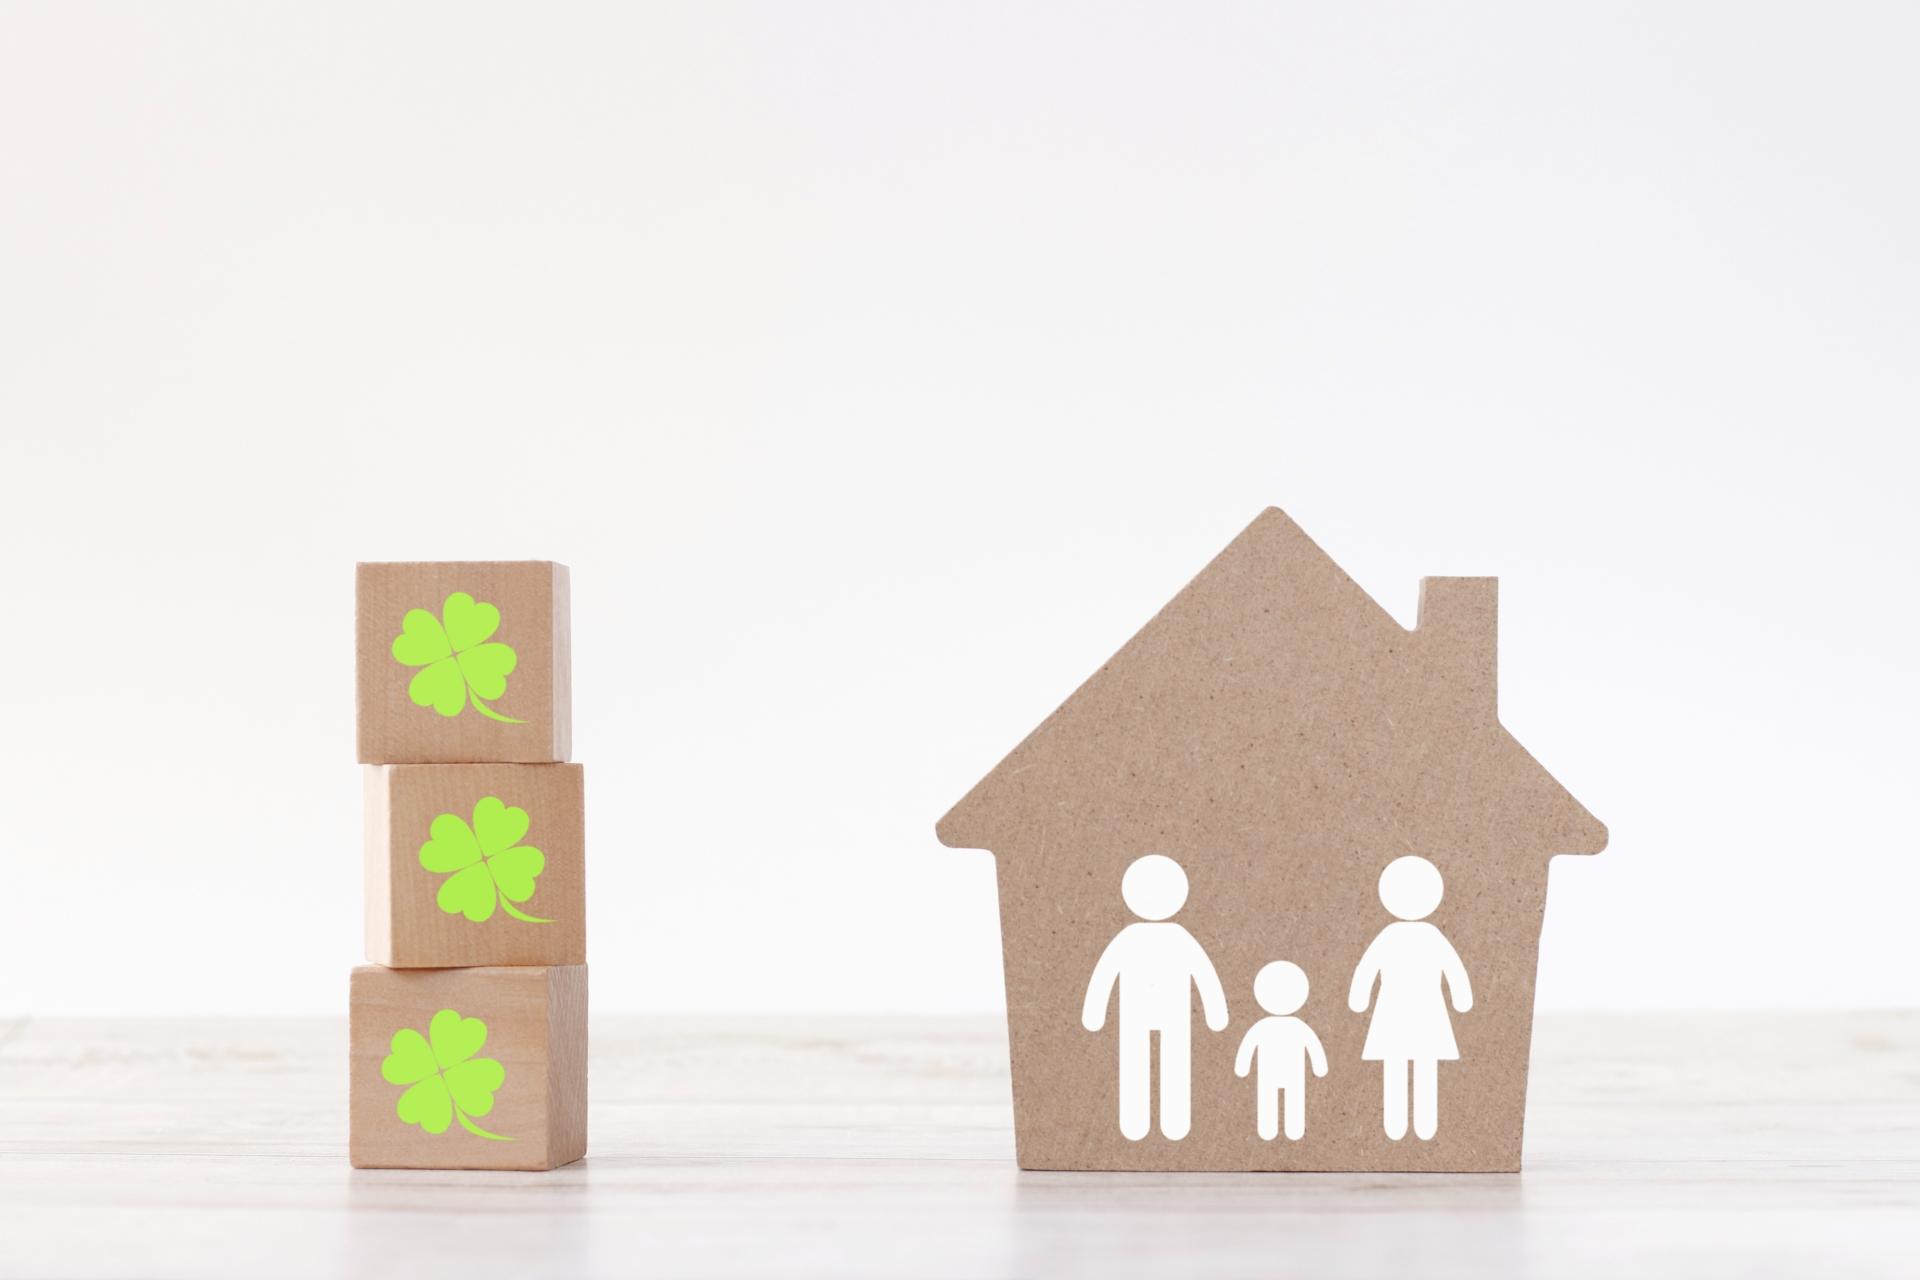 【パート・アルバイト必見!】扶養内の働き方はどう変わる?社会保険の適用拡大をおさらい